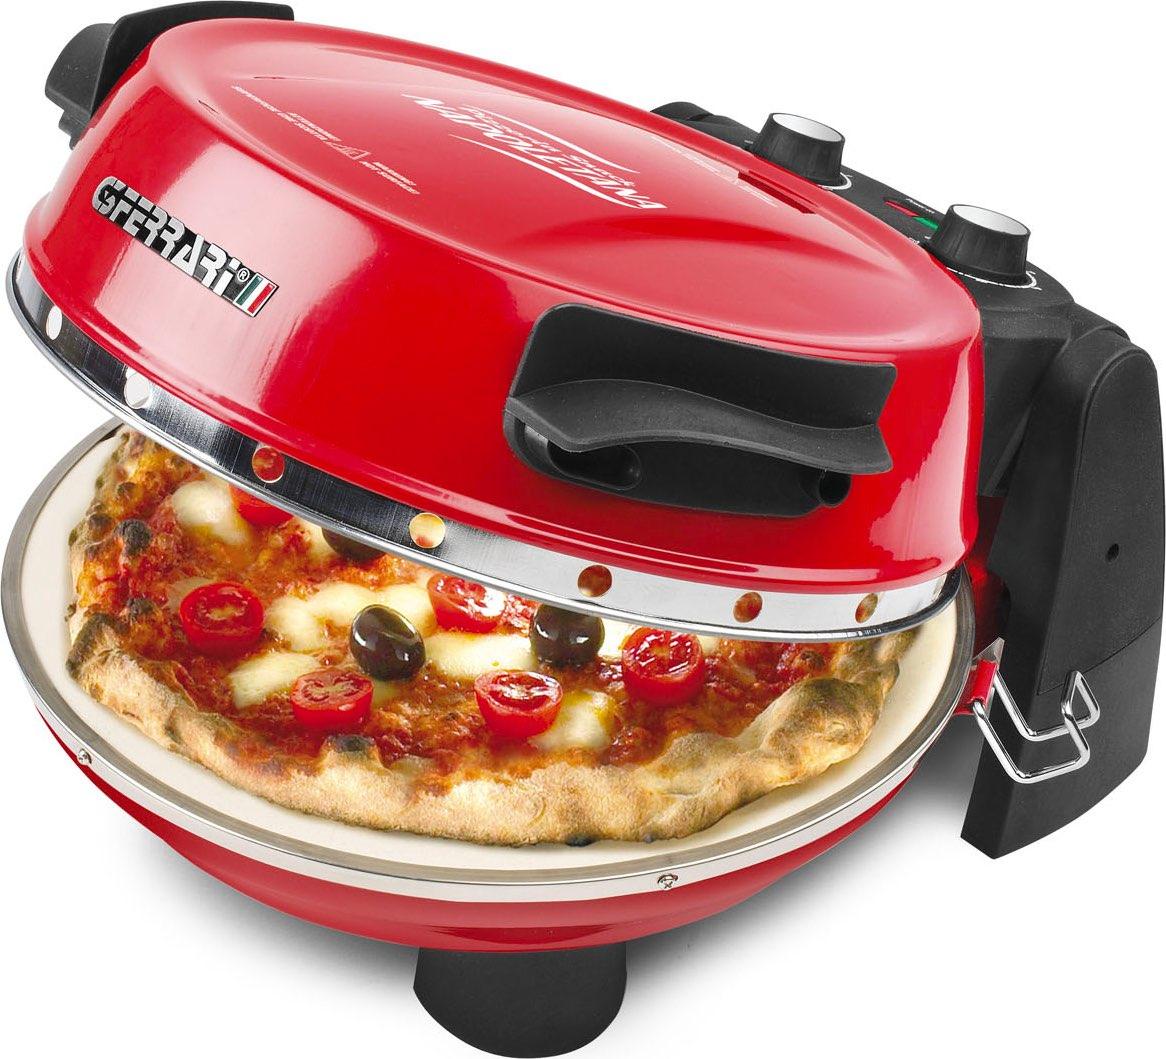 Fornetto elettrico g10032 prezzoforte 131760 - Pietra per forno elettrico ...